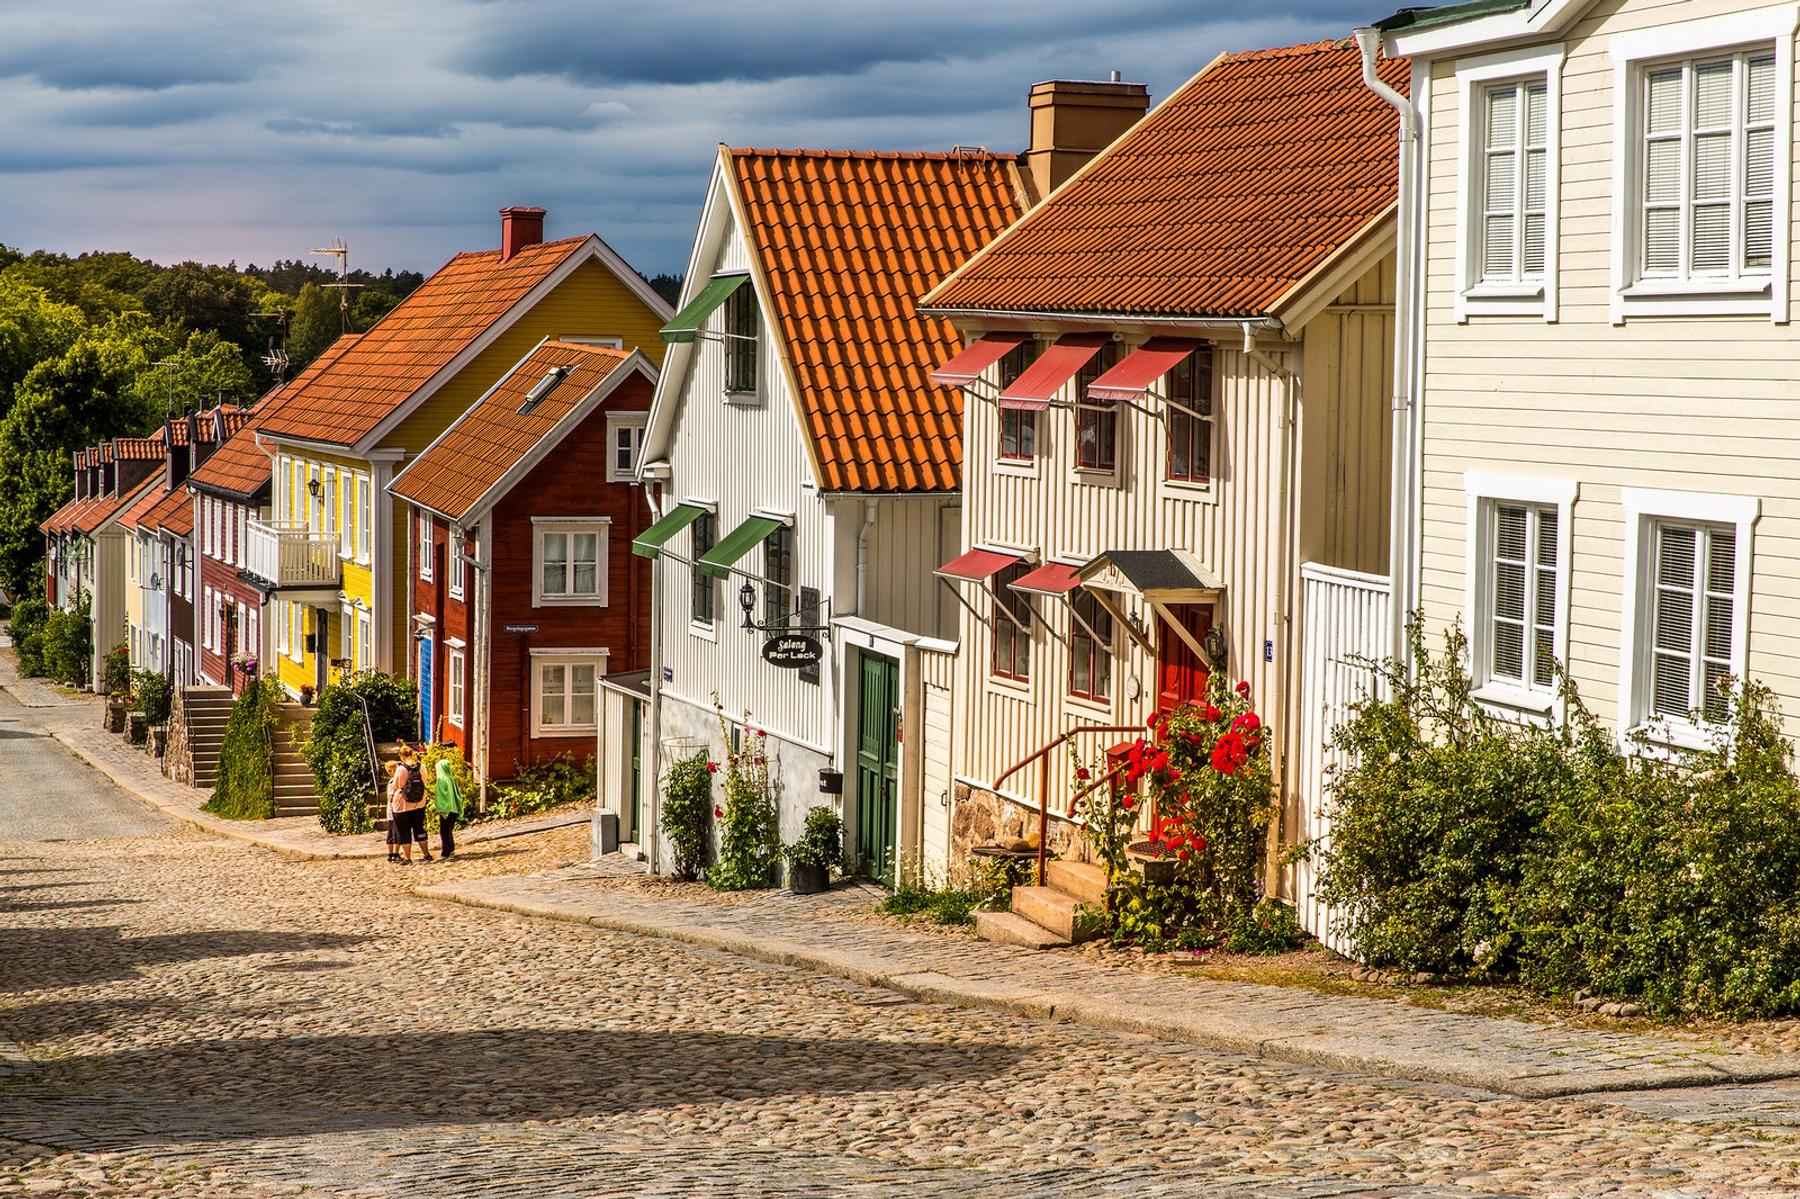 Куда поехать на отдых с детьми: дешевые билеты в Швецию